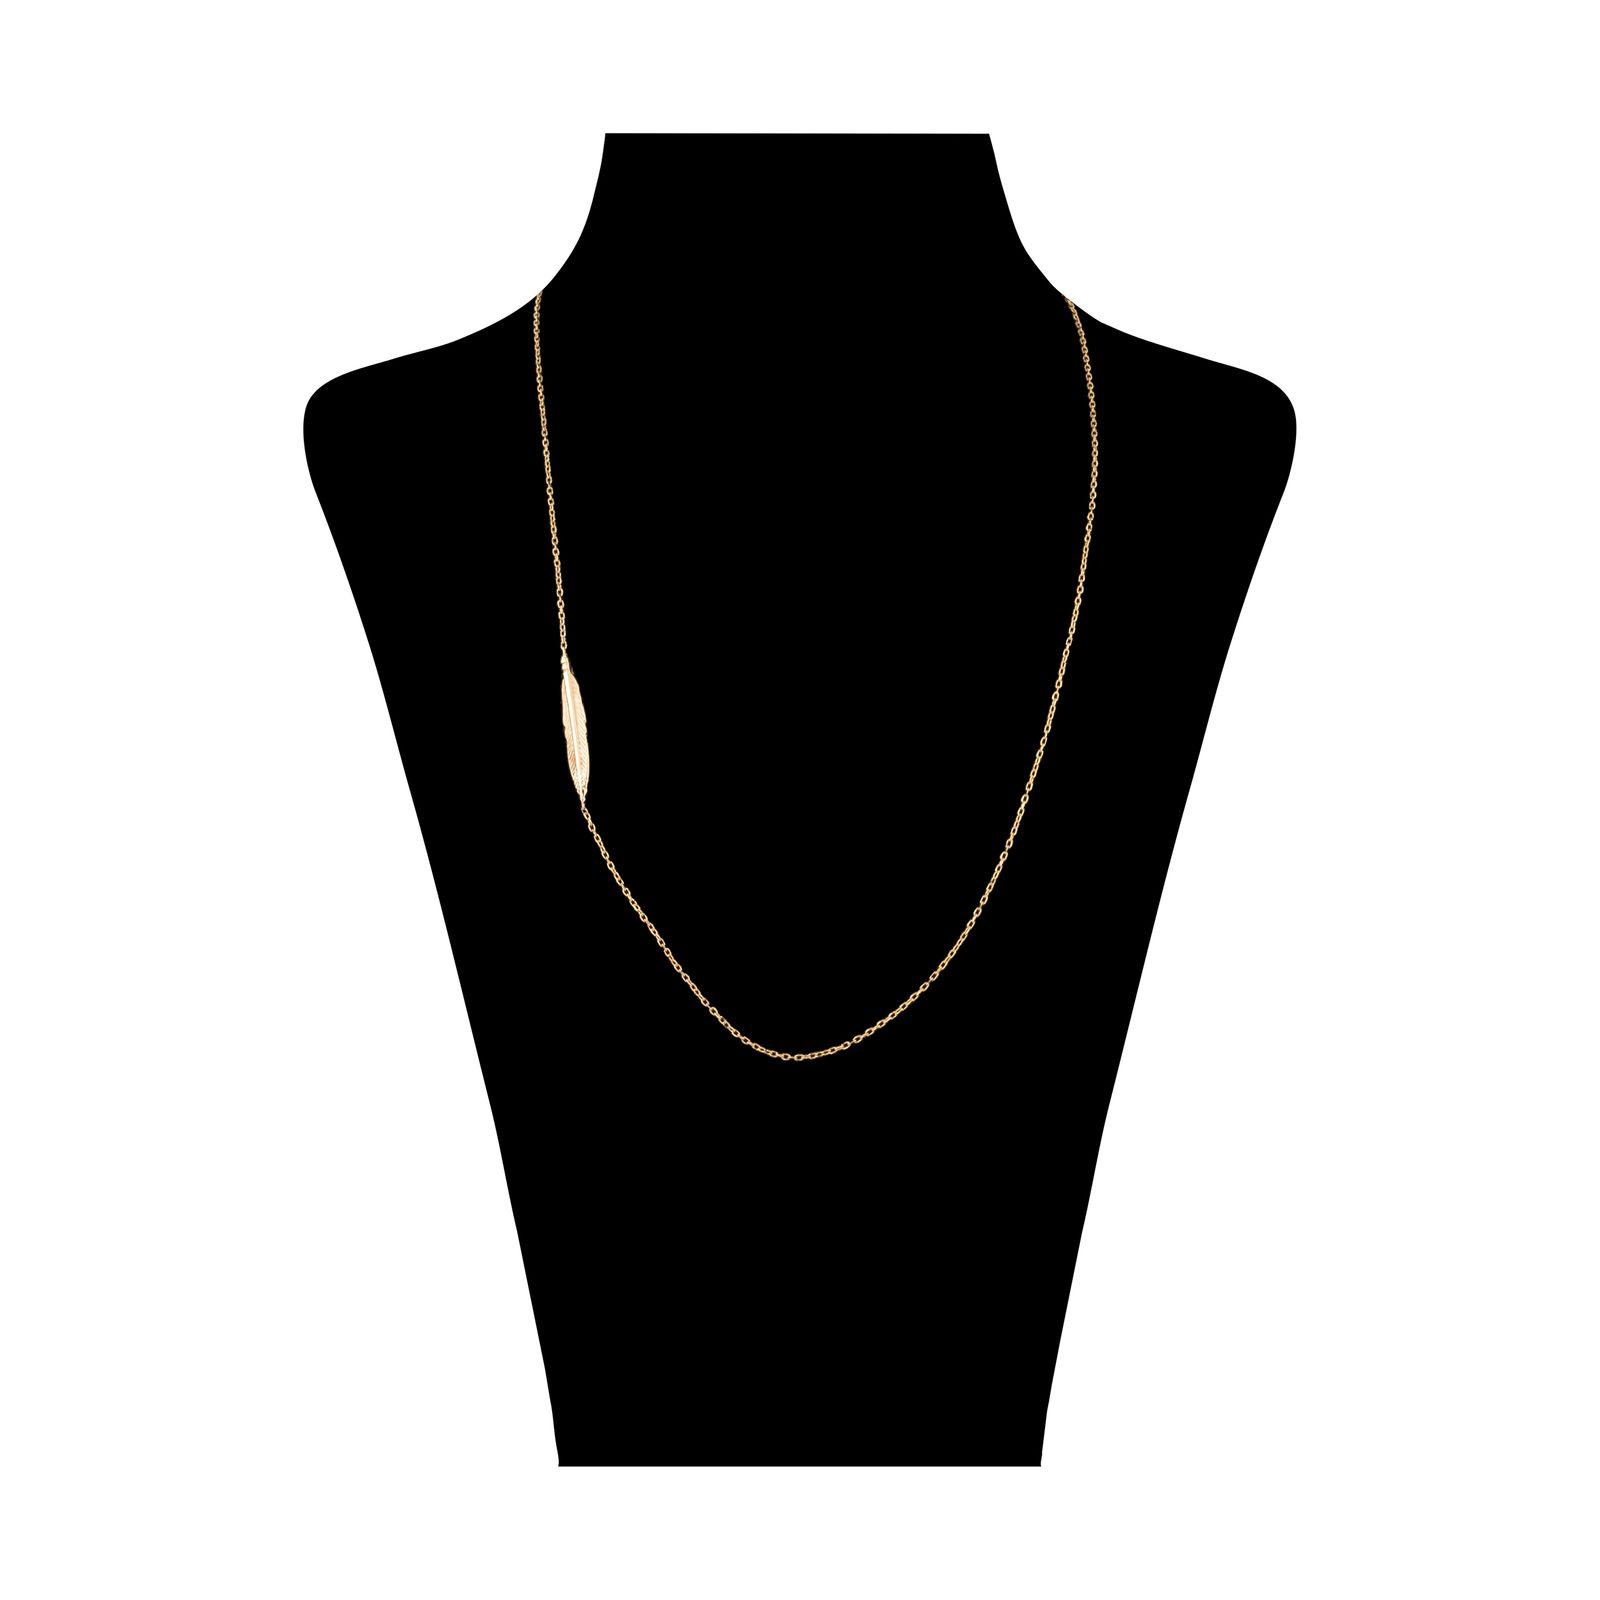 گردنبند طلا 18 عیار زنانه سنجاق مدل X081807 -  - 1